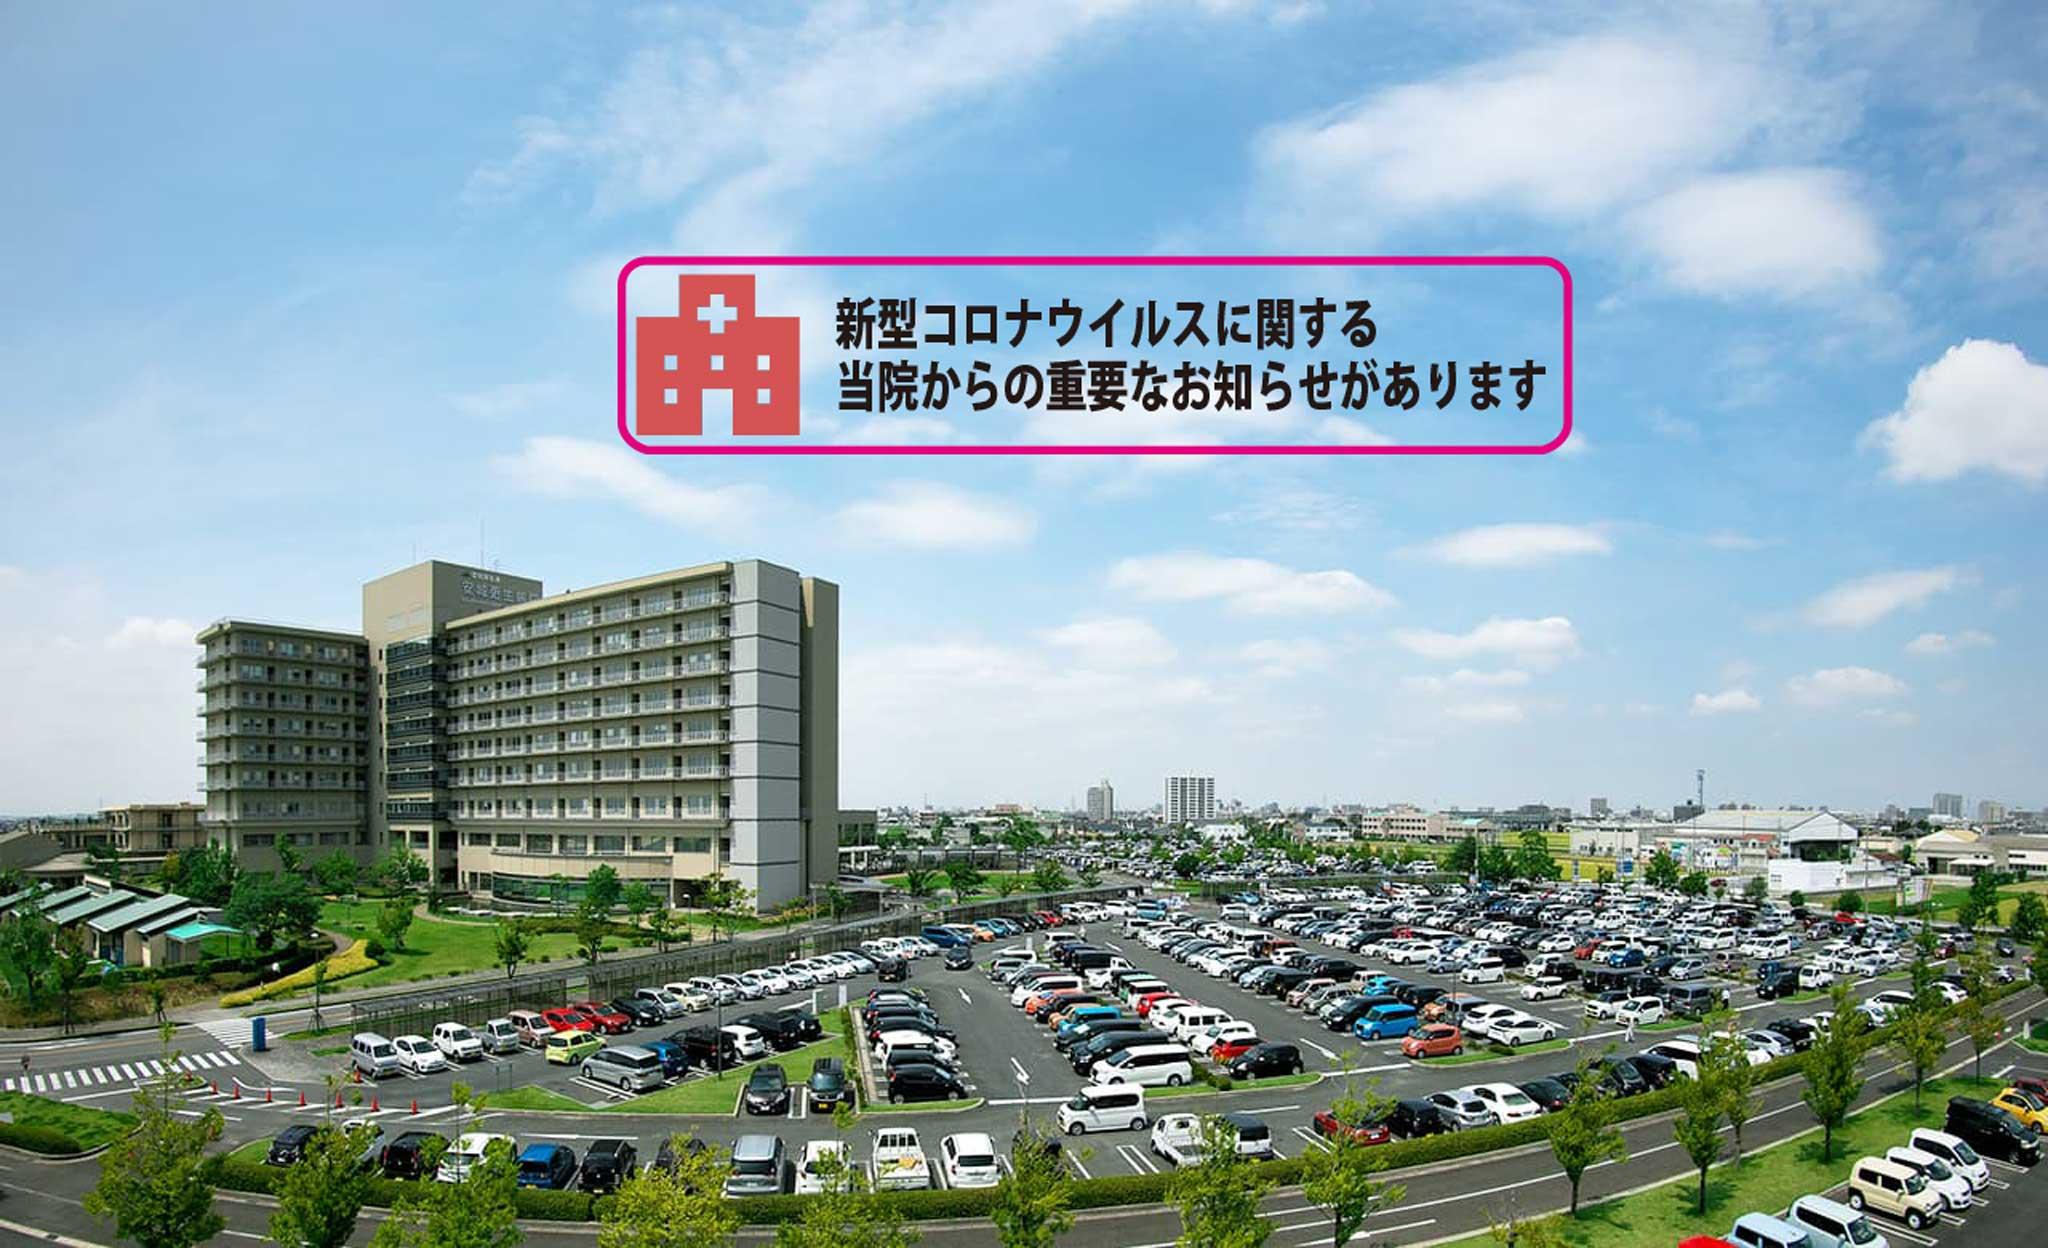 総合 周 病院 東